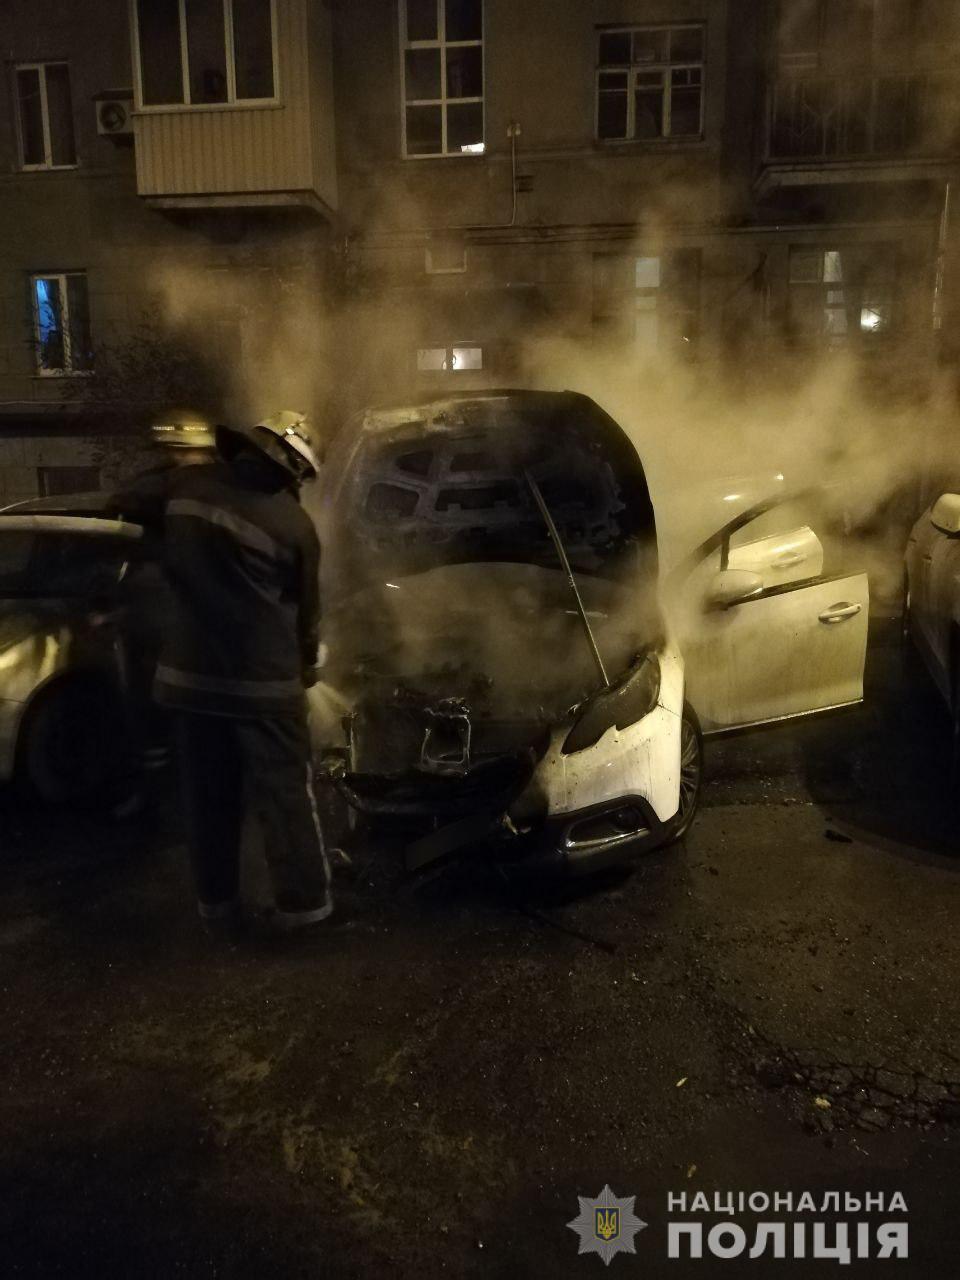 На улице Чичибабина сгорел Peugeot. Возможен поджог (фото)